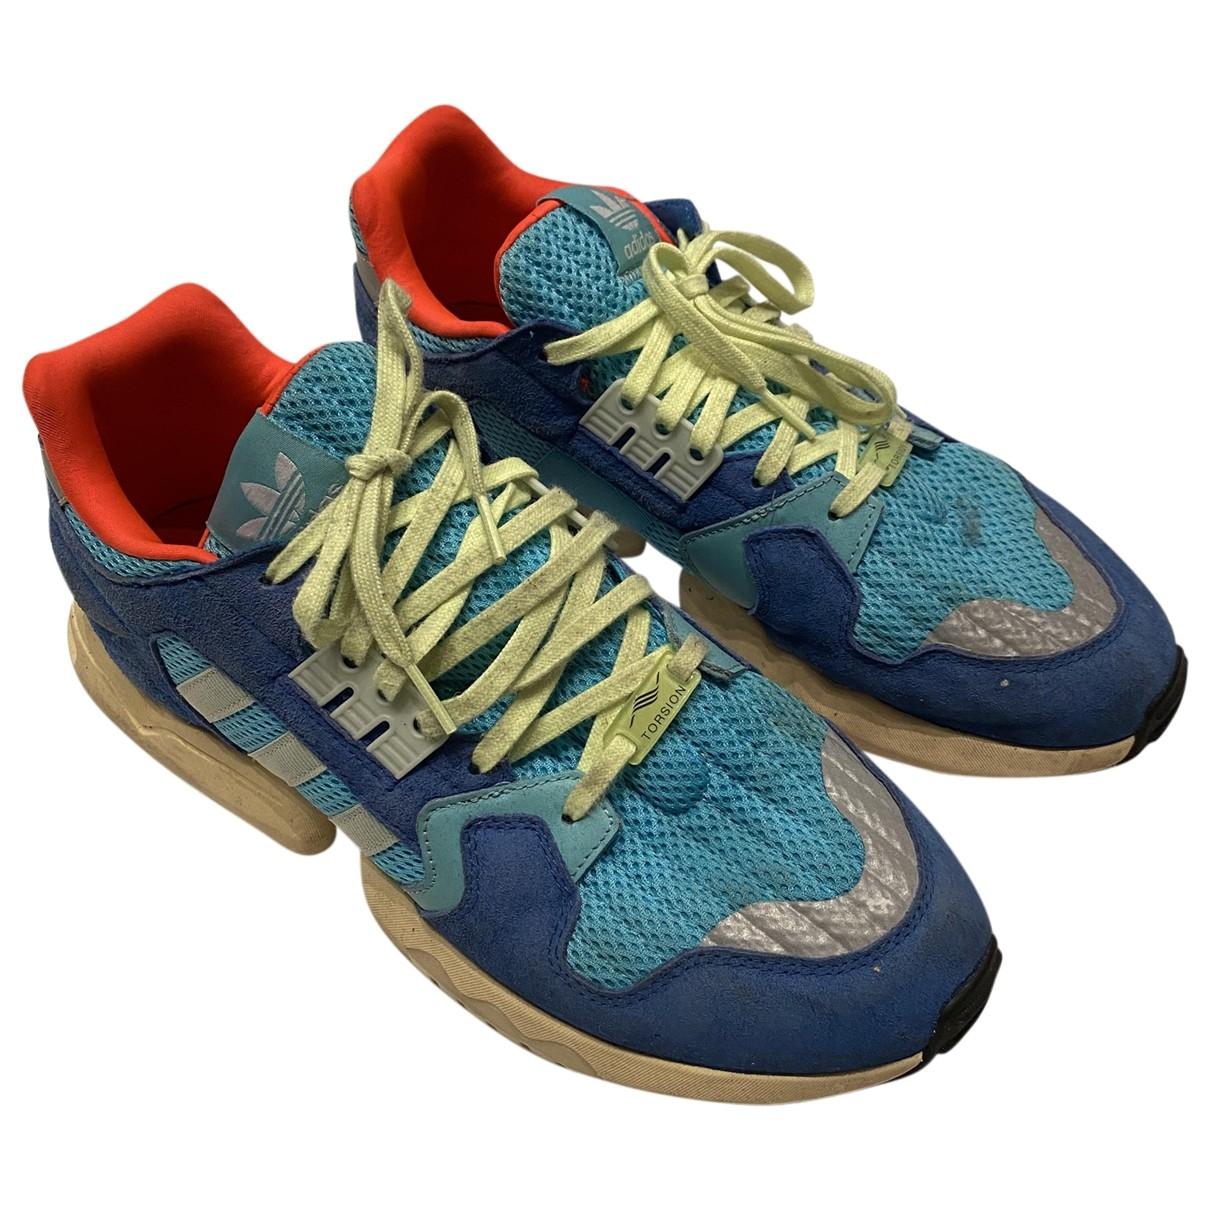 Adidas - Baskets   pour homme en toile - multicolore